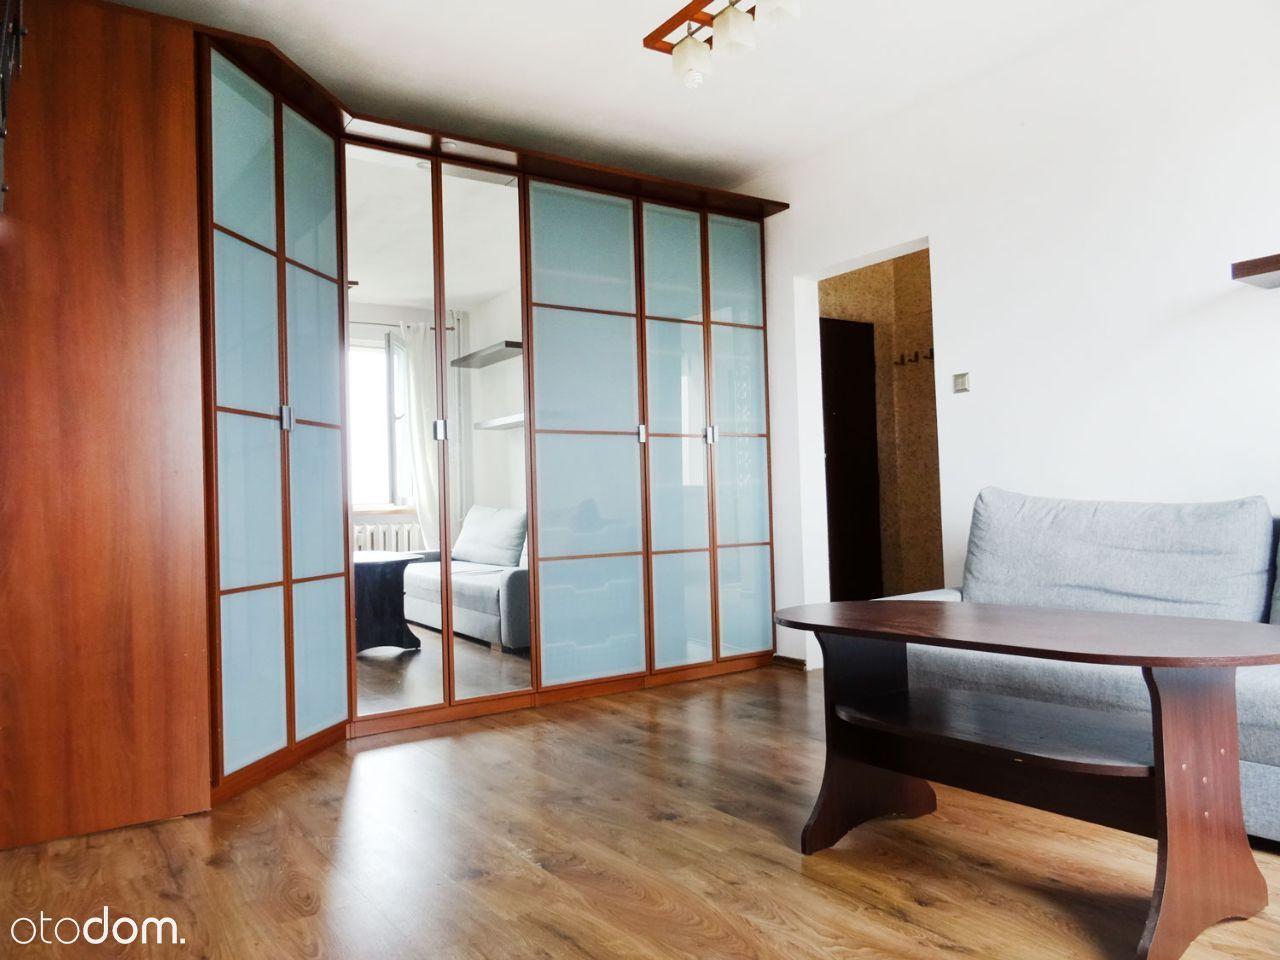 Umeblowane, wyposażone mieszkanie na wynajem